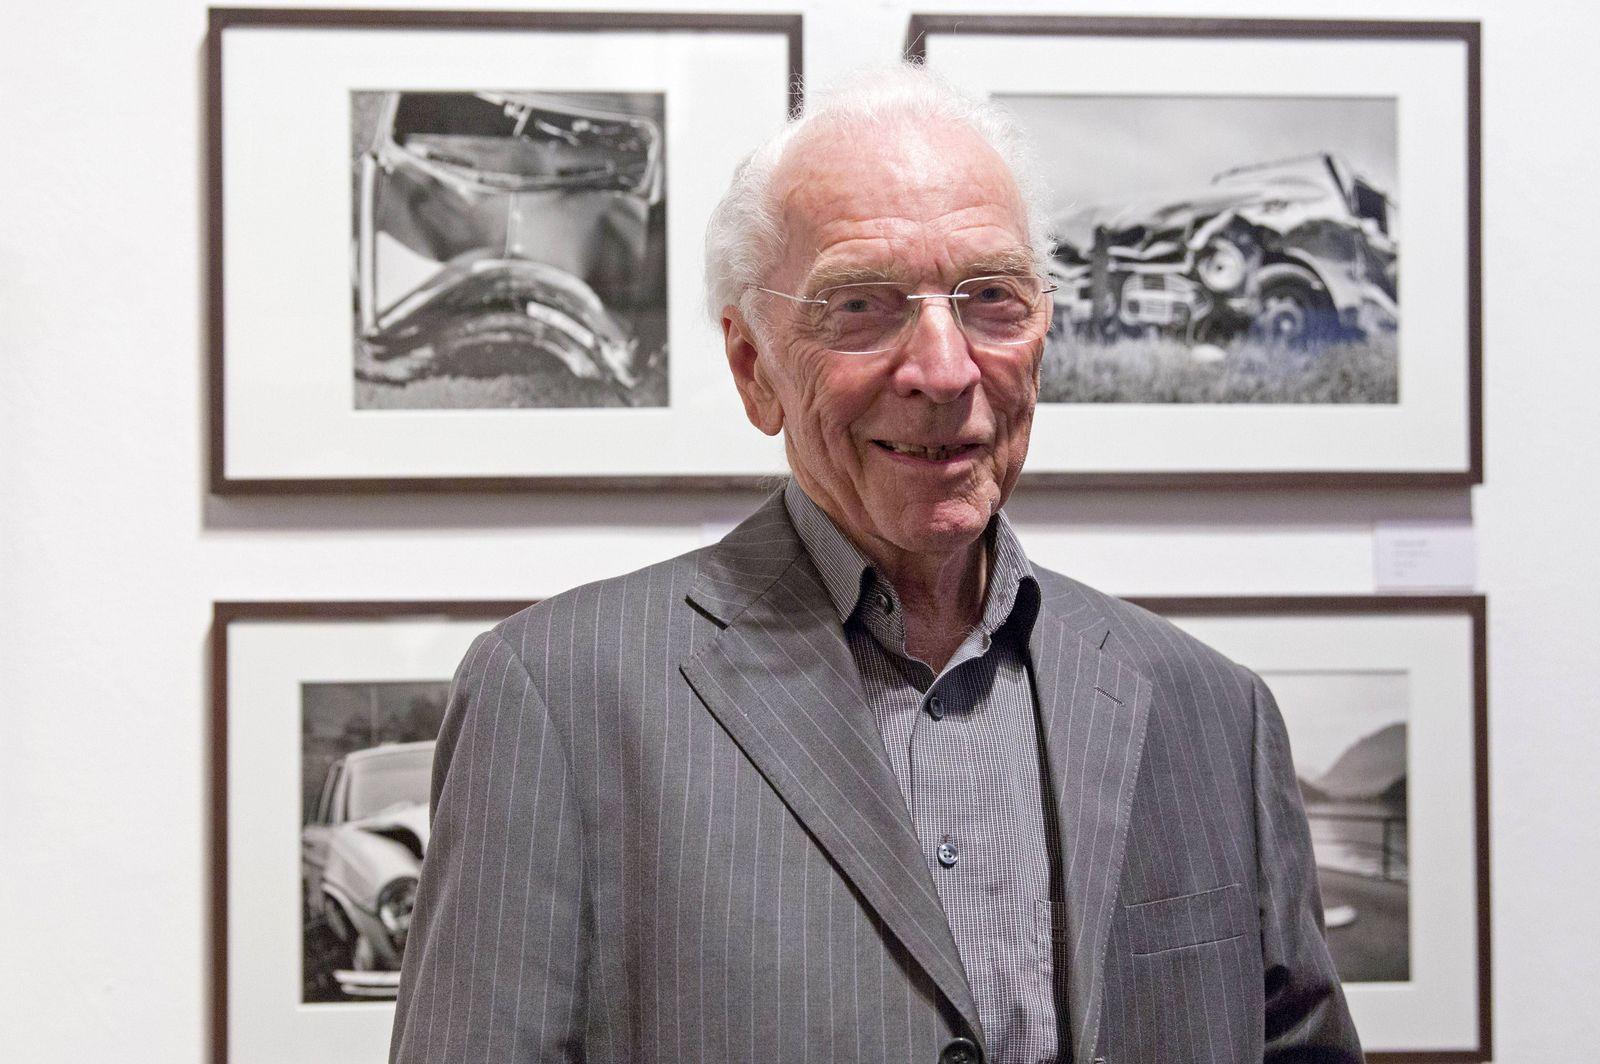 Arnold Odermatt am Tag seines 90 Geburtstags vor seinen Fotografien in der Galerie Springer Berlin